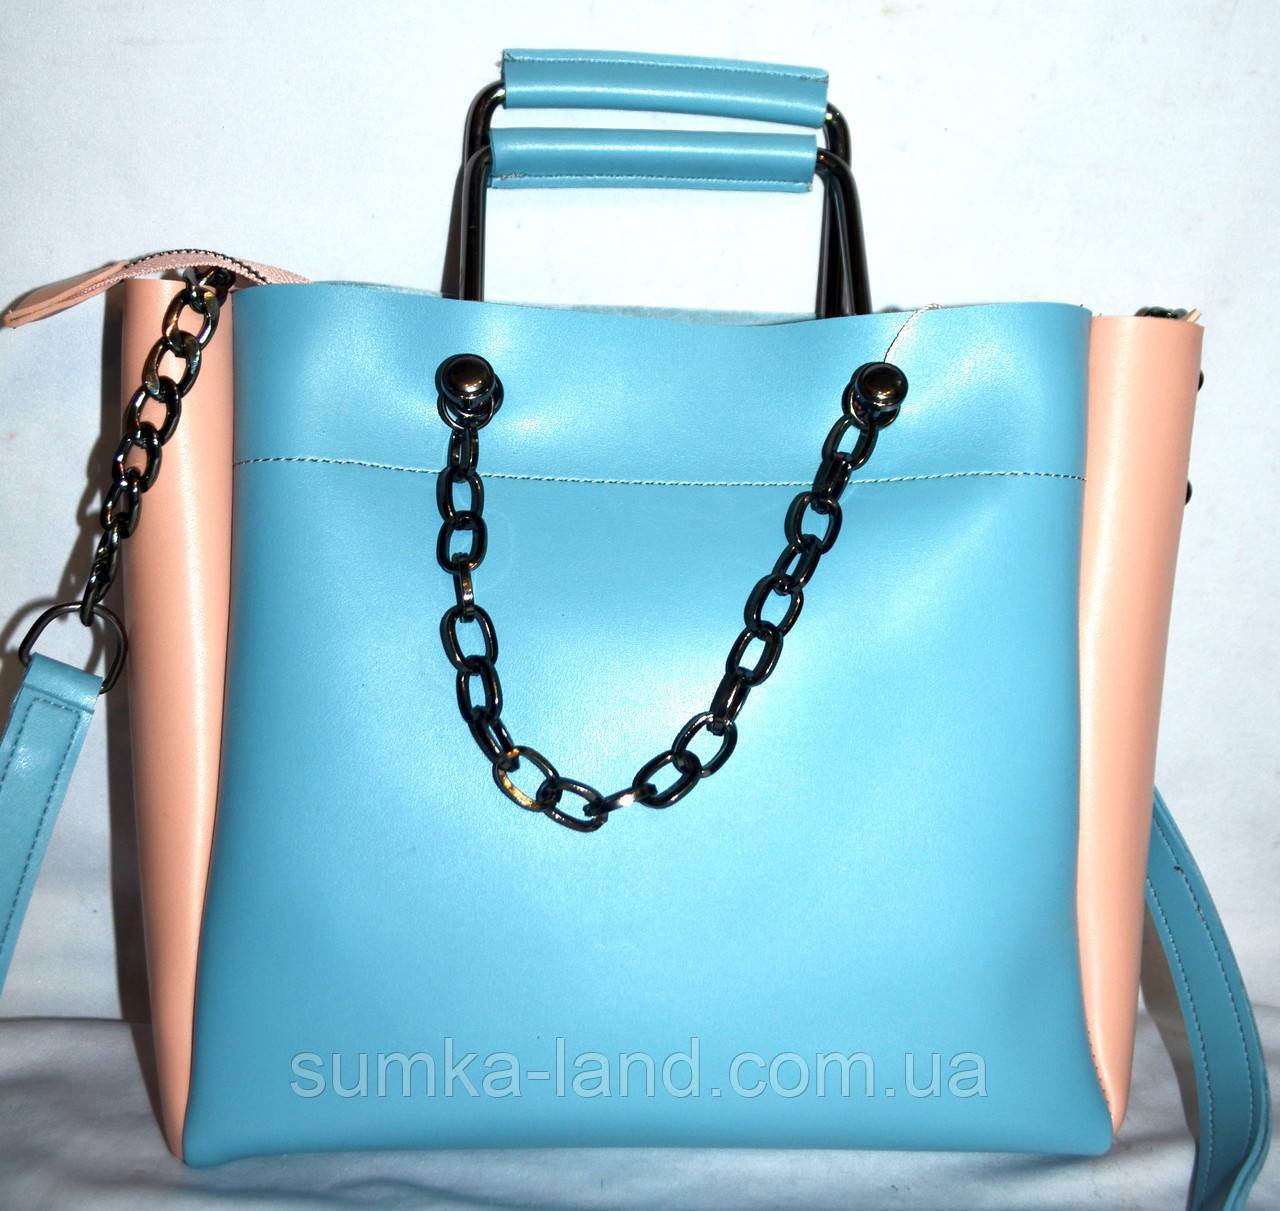 9f676fa7fb07 Женская голубая сумка B Elit с пудровыми вставками и ремешком на цепочке  25 24 см